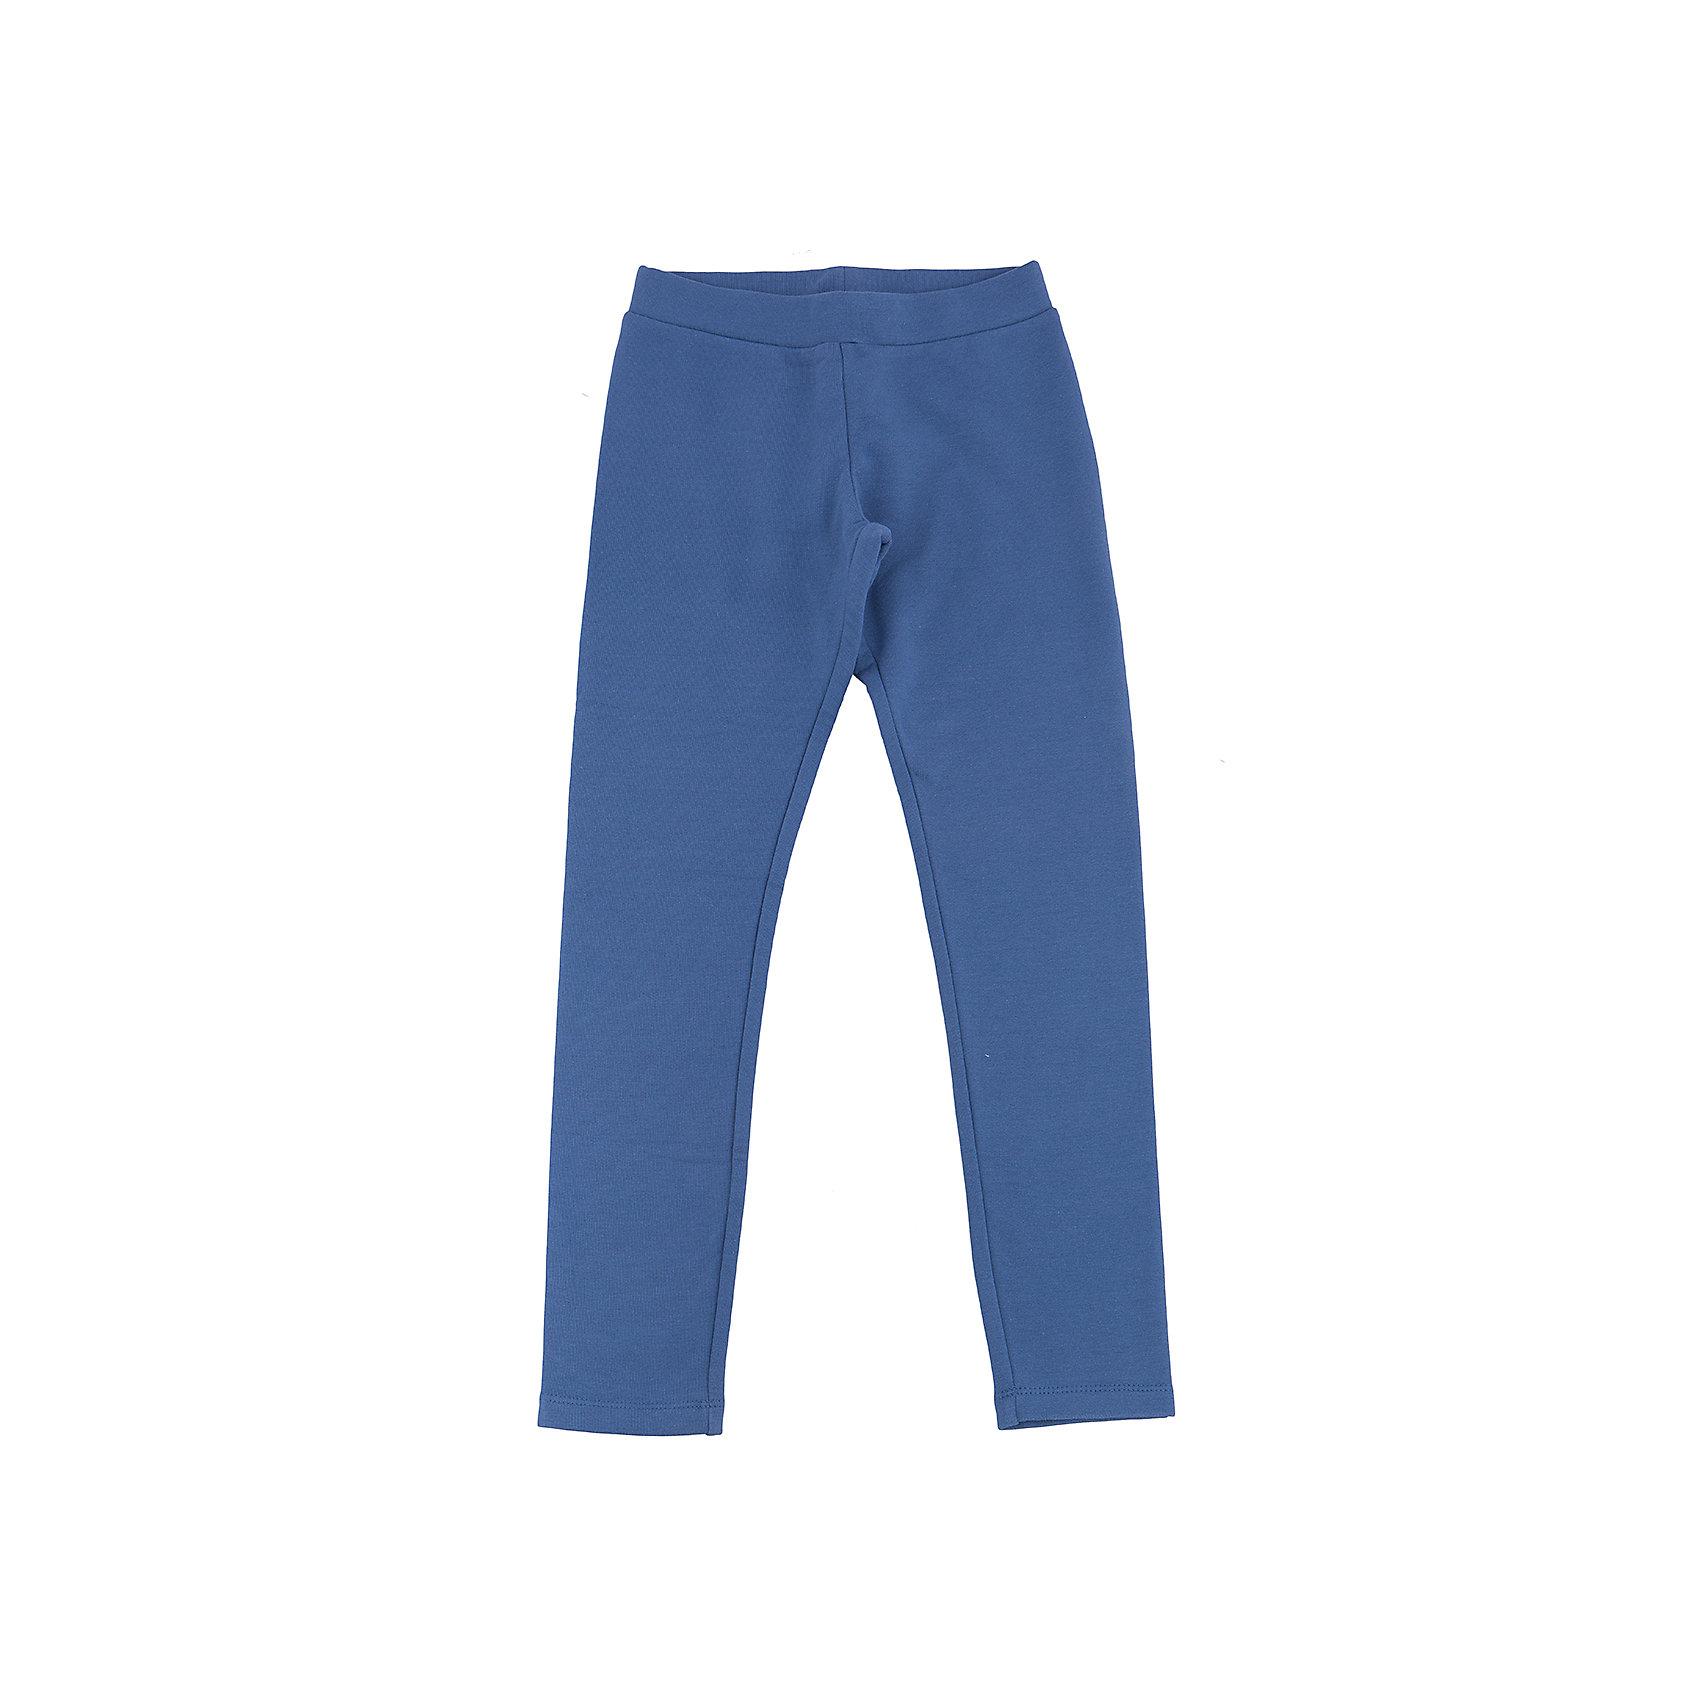 Леггинсы для девочки SELAТрикотажные плотные брюки для юной модницы.<br>Брюки прекрасны  в носке, не тянуться, садятся по фигуре и не сковывают движение. Такая модель брюк- прекрасный вариант для юной непоседы.<br><br>Дополнительная информация:<br><br>- Приталенный силуэт.<br>- Цвет: деним.<br>- Состав: 95% хлопок, 5% эластан.<br>- Бренд: SELA<br><br>Купить брюки для девочки от SELA можно в нашем магазине.<br><br>Ширина мм: 215<br>Глубина мм: 88<br>Высота мм: 191<br>Вес г: 336<br>Цвет: синий<br>Возраст от месяцев: 60<br>Возраст до месяцев: 72<br>Пол: Женский<br>Возраст: Детский<br>Размер: 116,152,146,140,134,128,122<br>SKU: 4883623